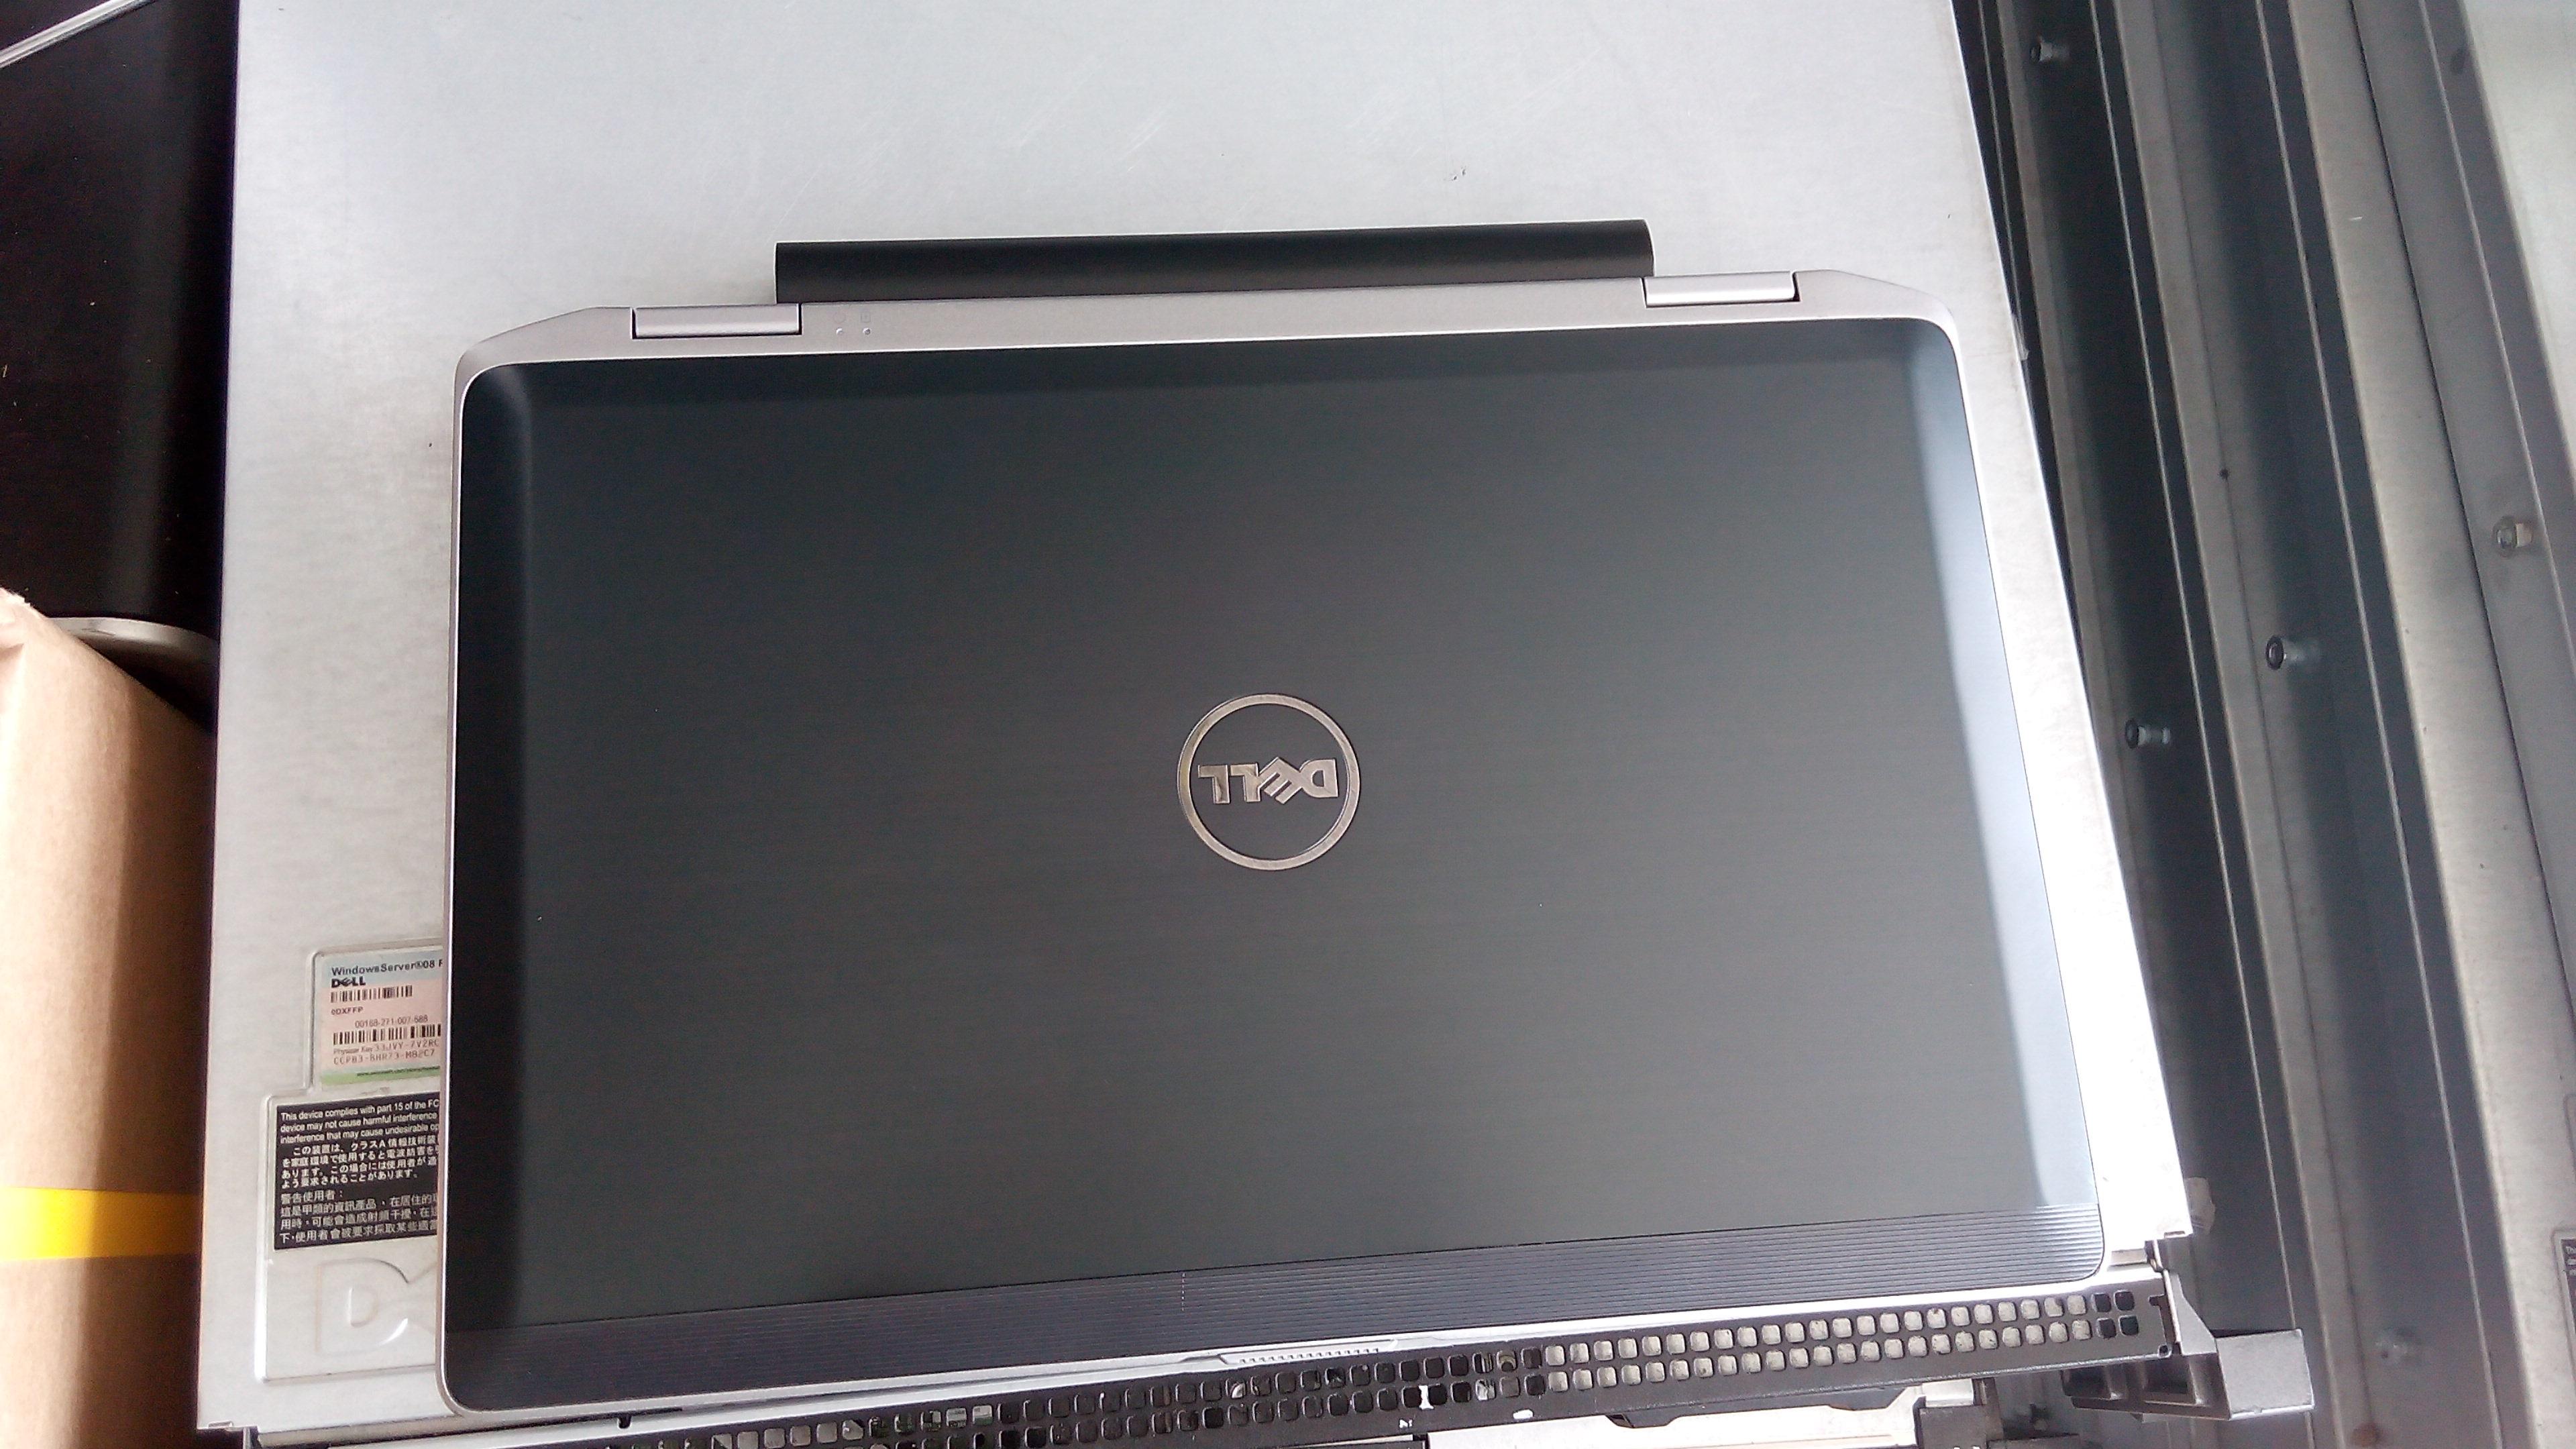 Dell Intel Core i7 (E6420) Laptop_6